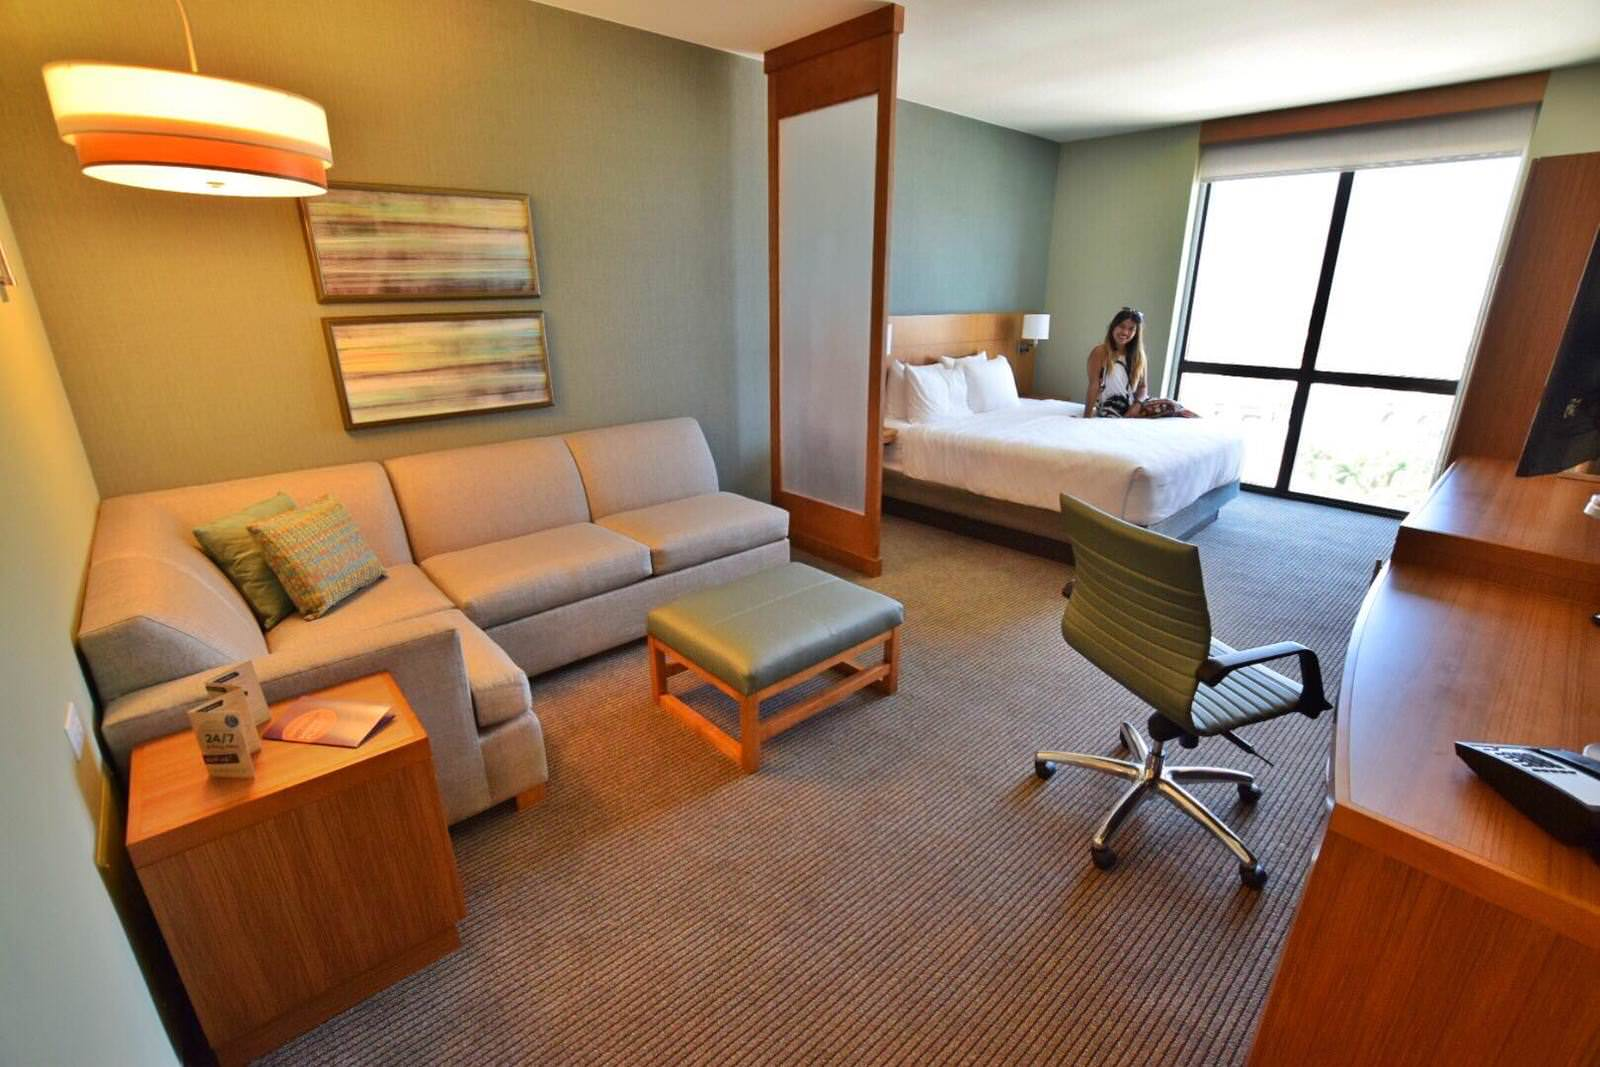 Hyatt Place Boca Raton Suite